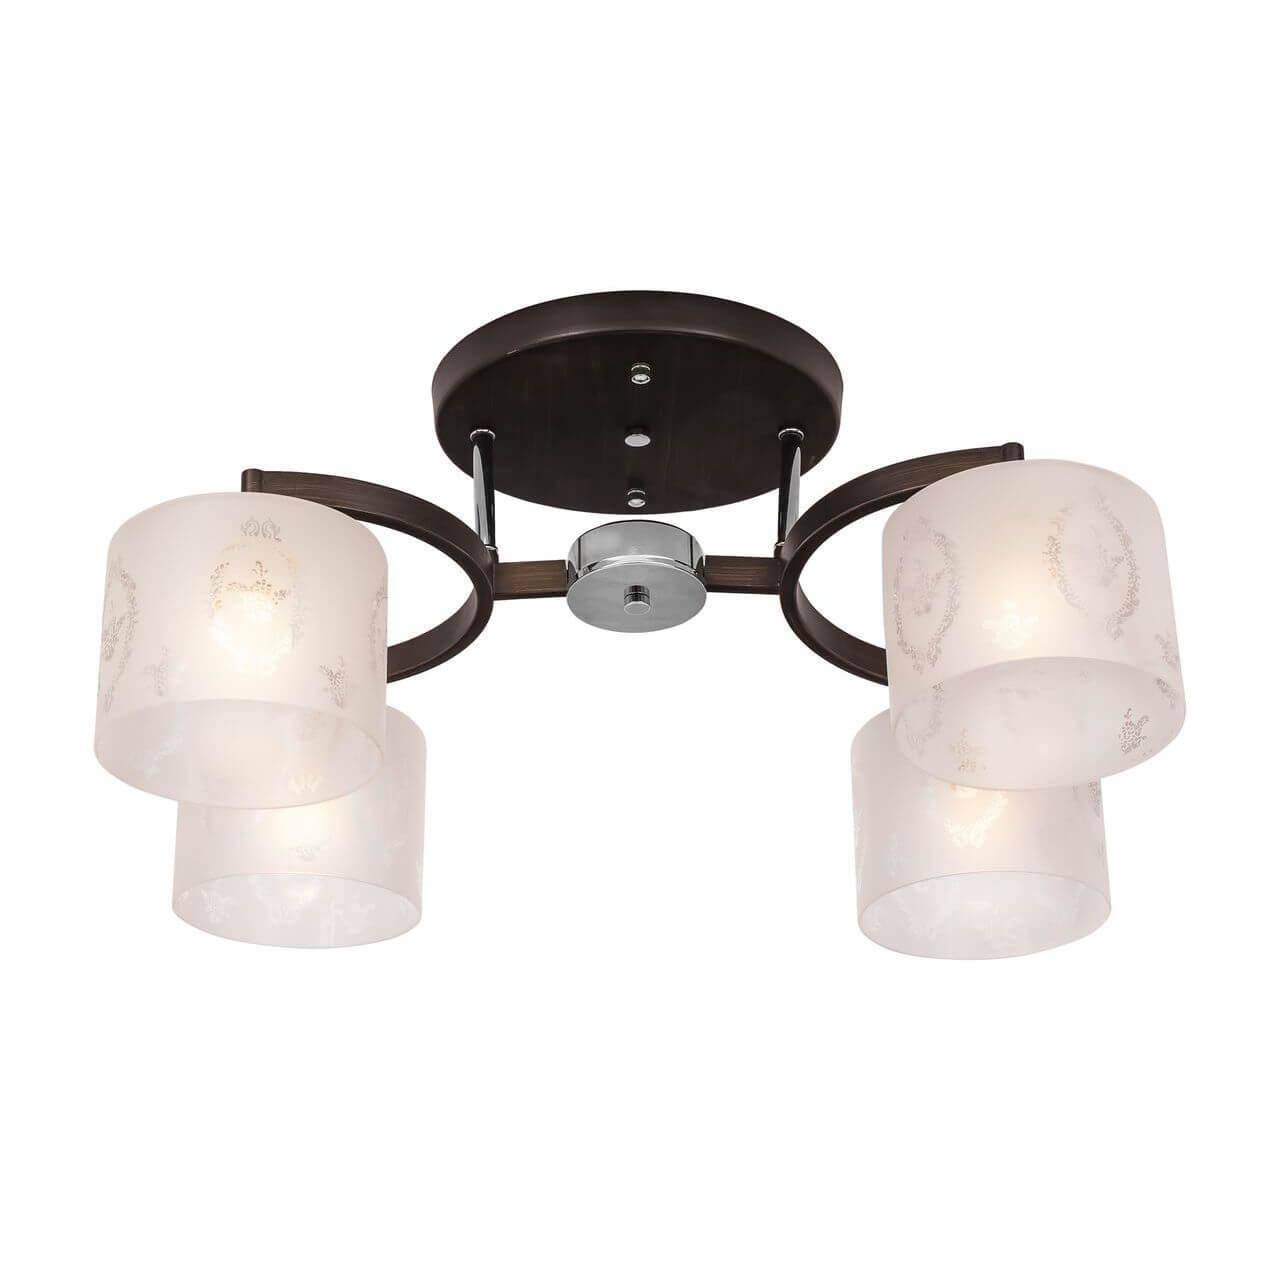 Потолочный светильник Silver Light 253.59.4, E27, 60 Вт недорго, оригинальная цена